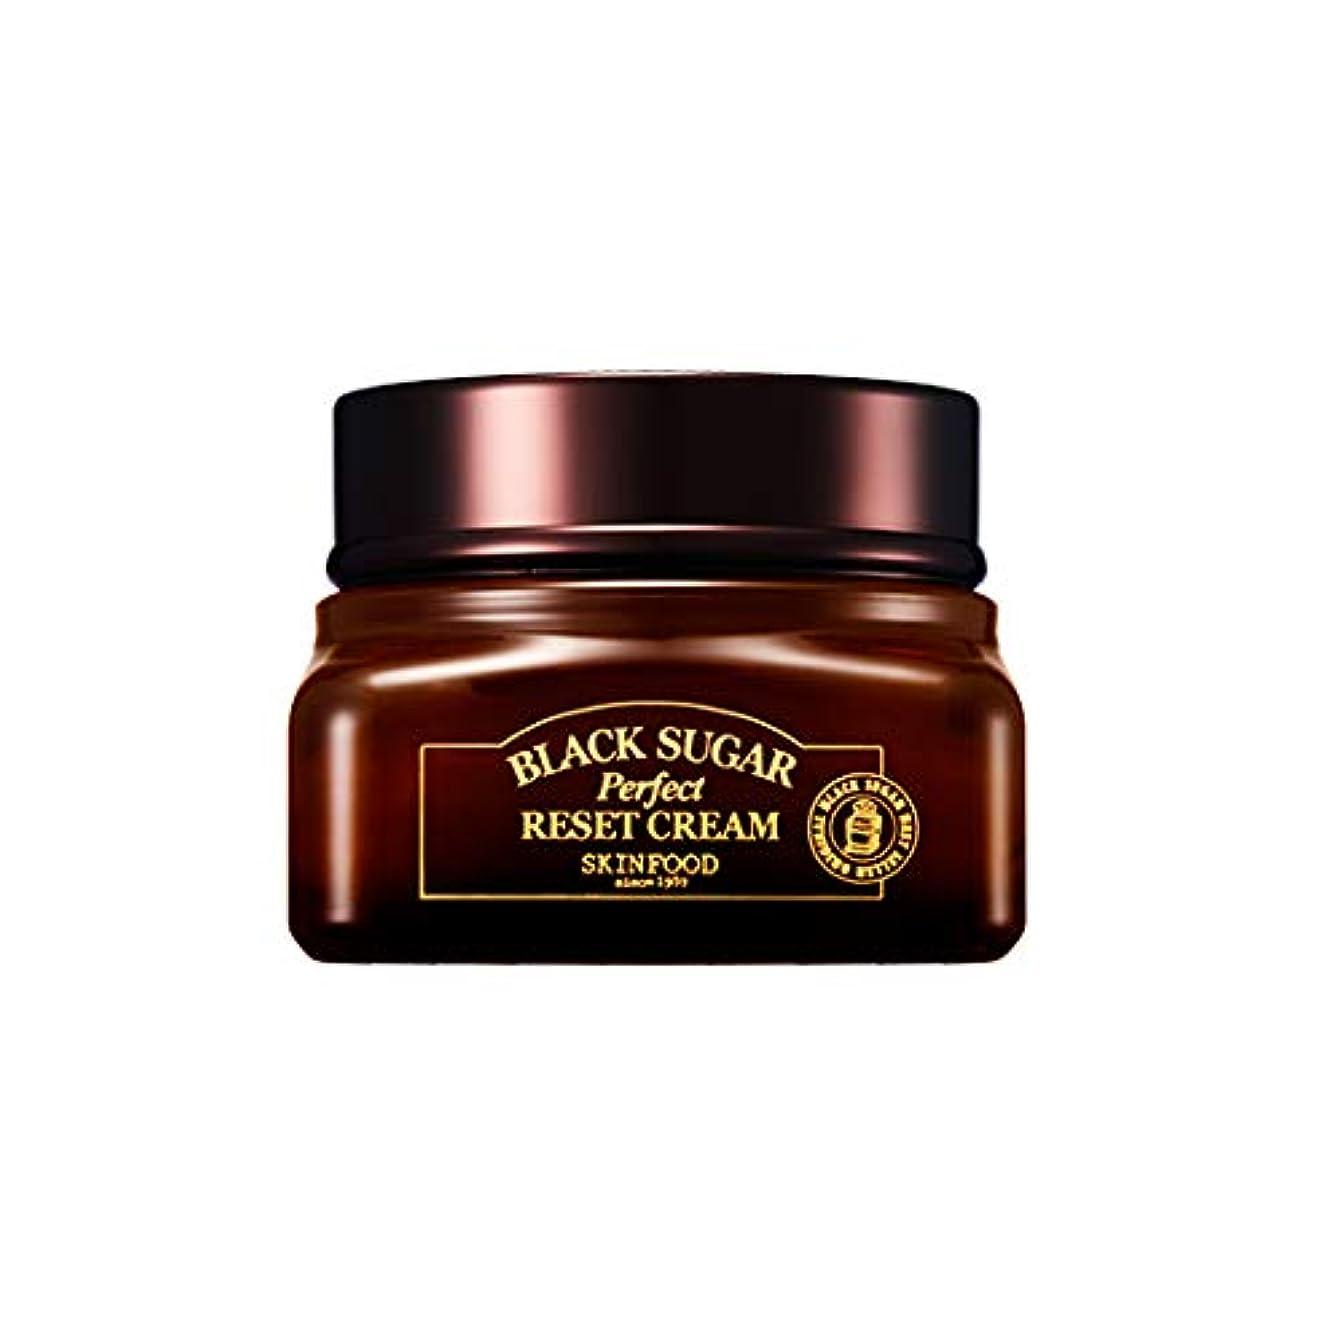 同情民兵検出Skinfood 黒糖パーフェクトリセットクリーム/Black Sugar Perpect Reset Cream 60ml [並行輸入品]